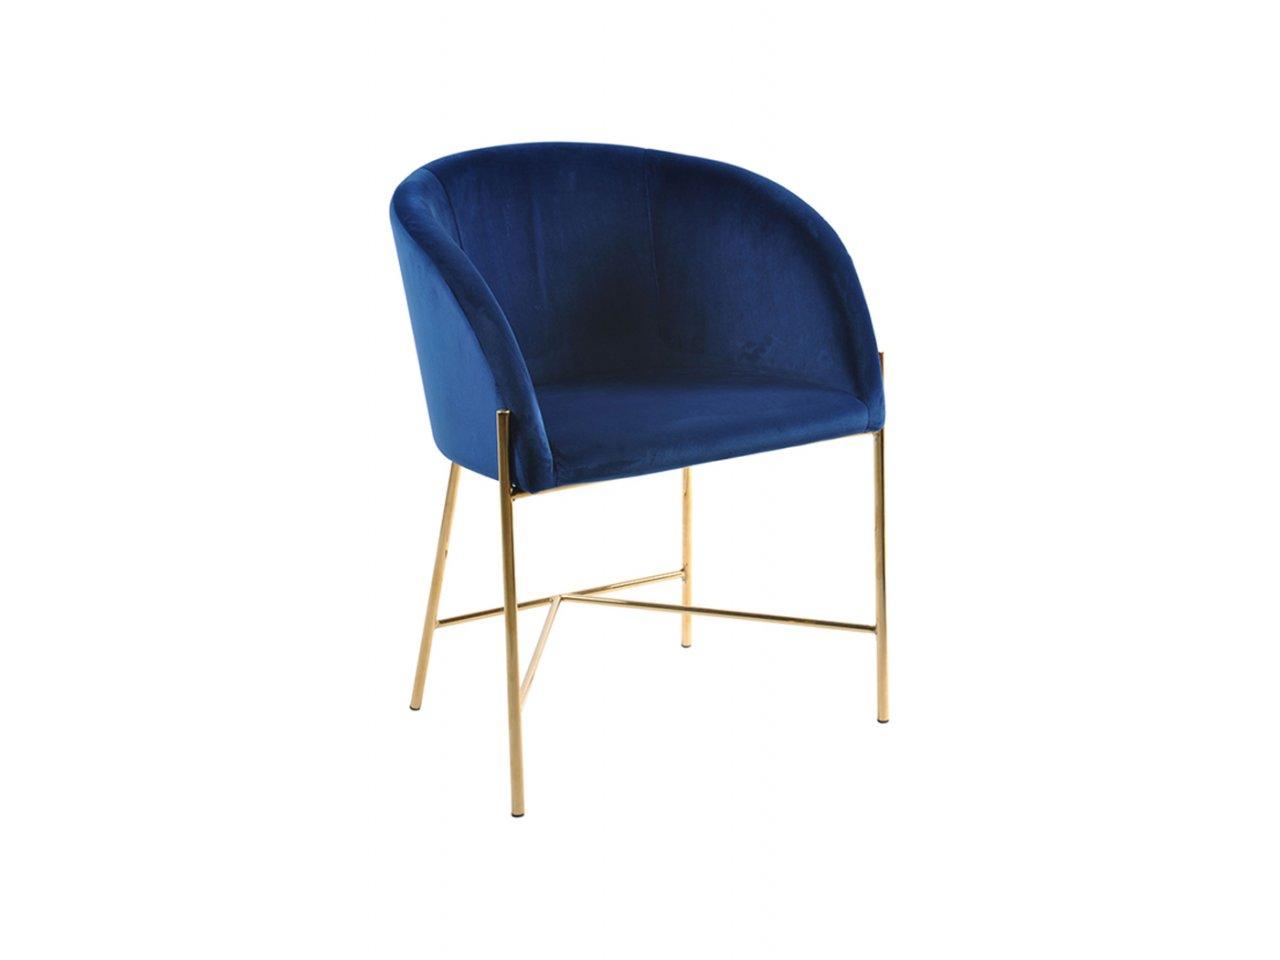 Sedia con braccioli Bobbio - v25